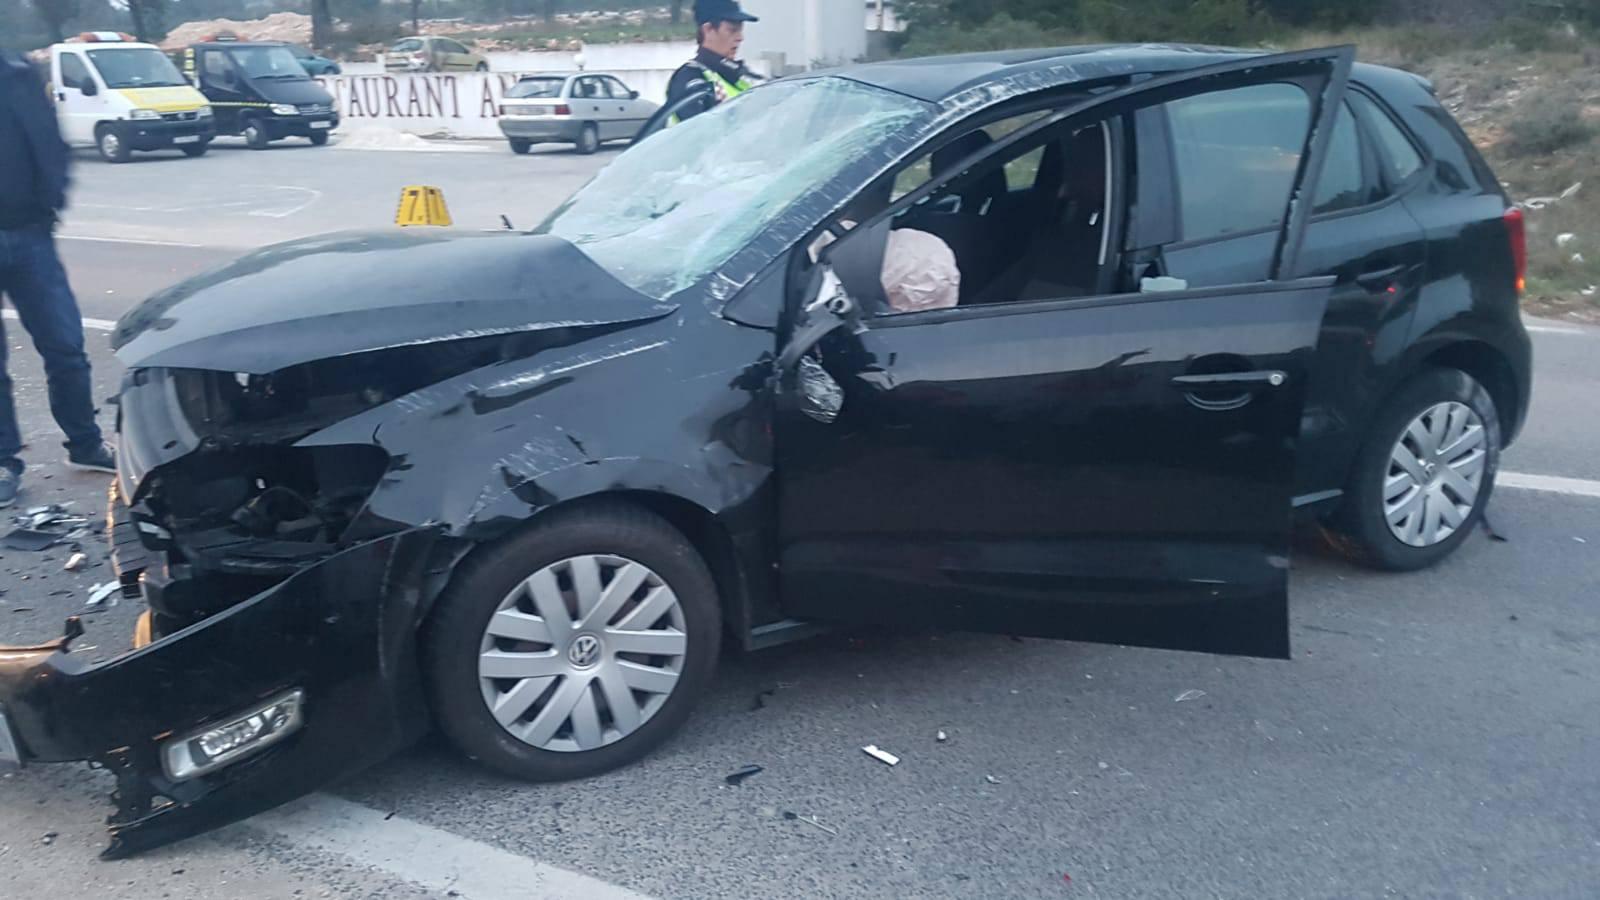 Zbog prevelike brzine sletjela s ceste i udarila u parkirani auto